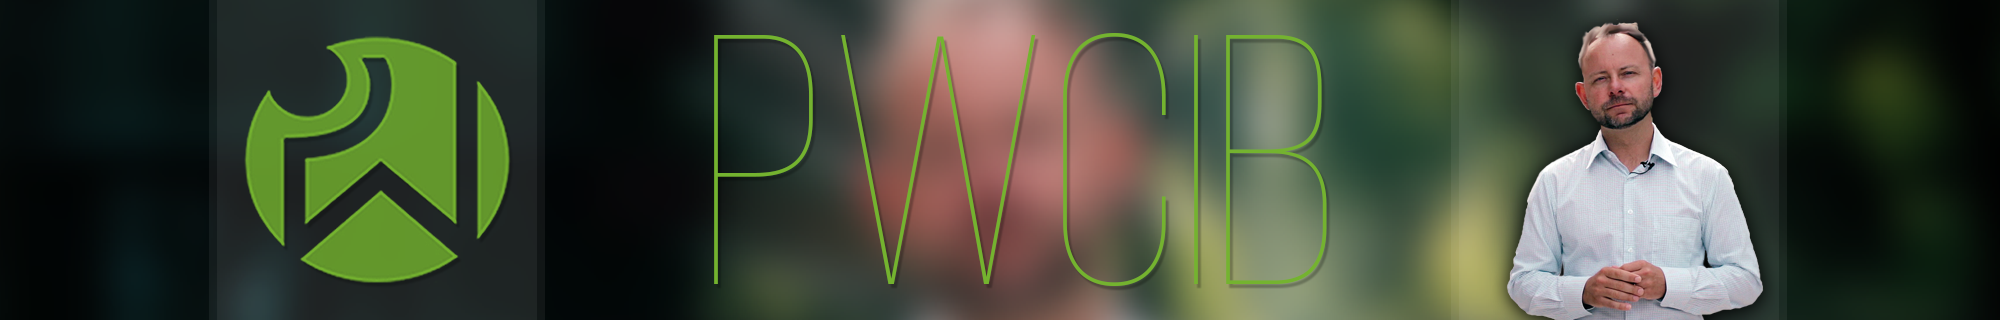 PWCIB Blog